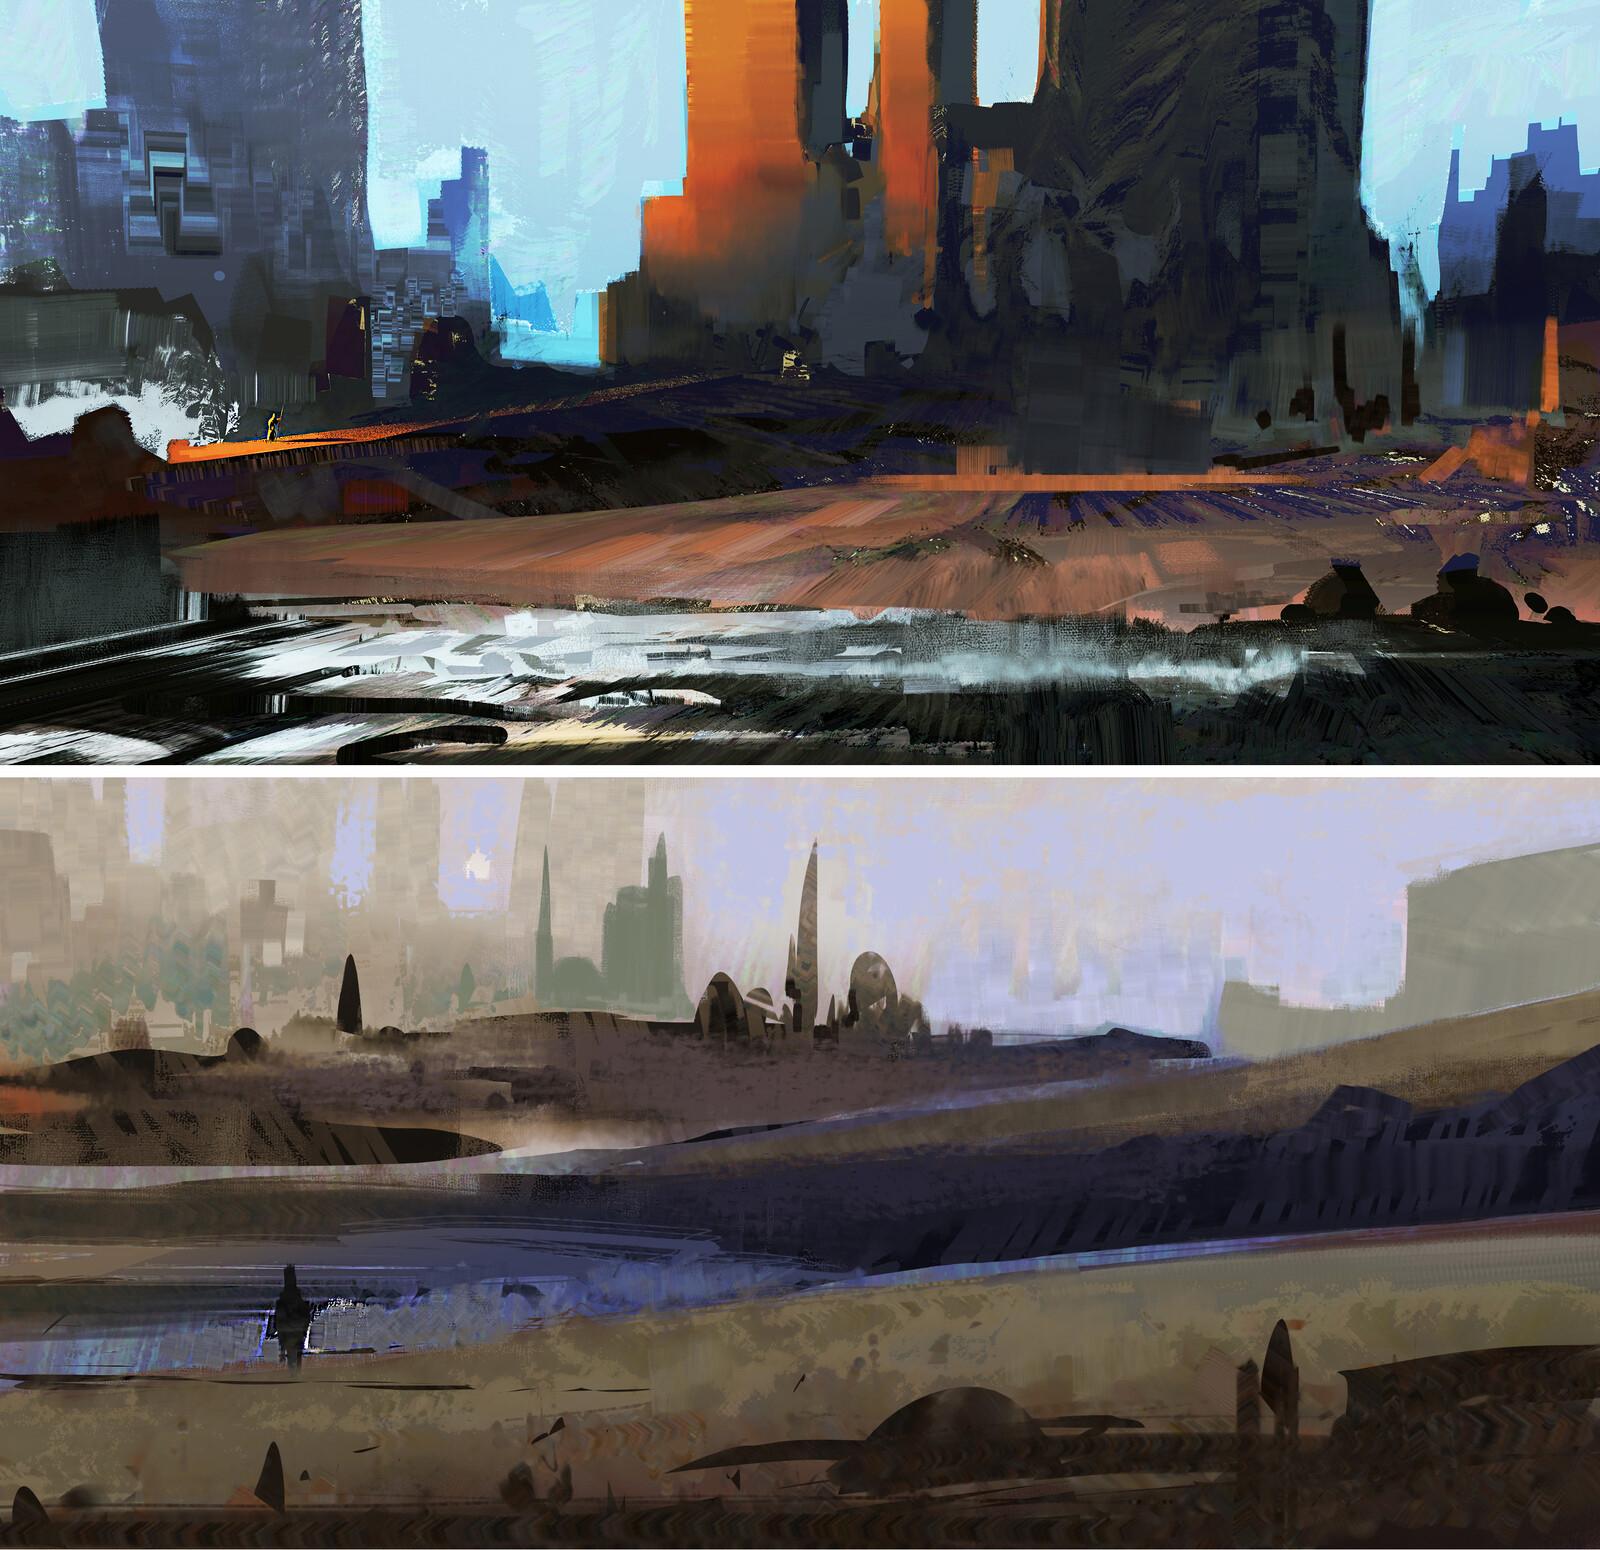 Landscape style studies